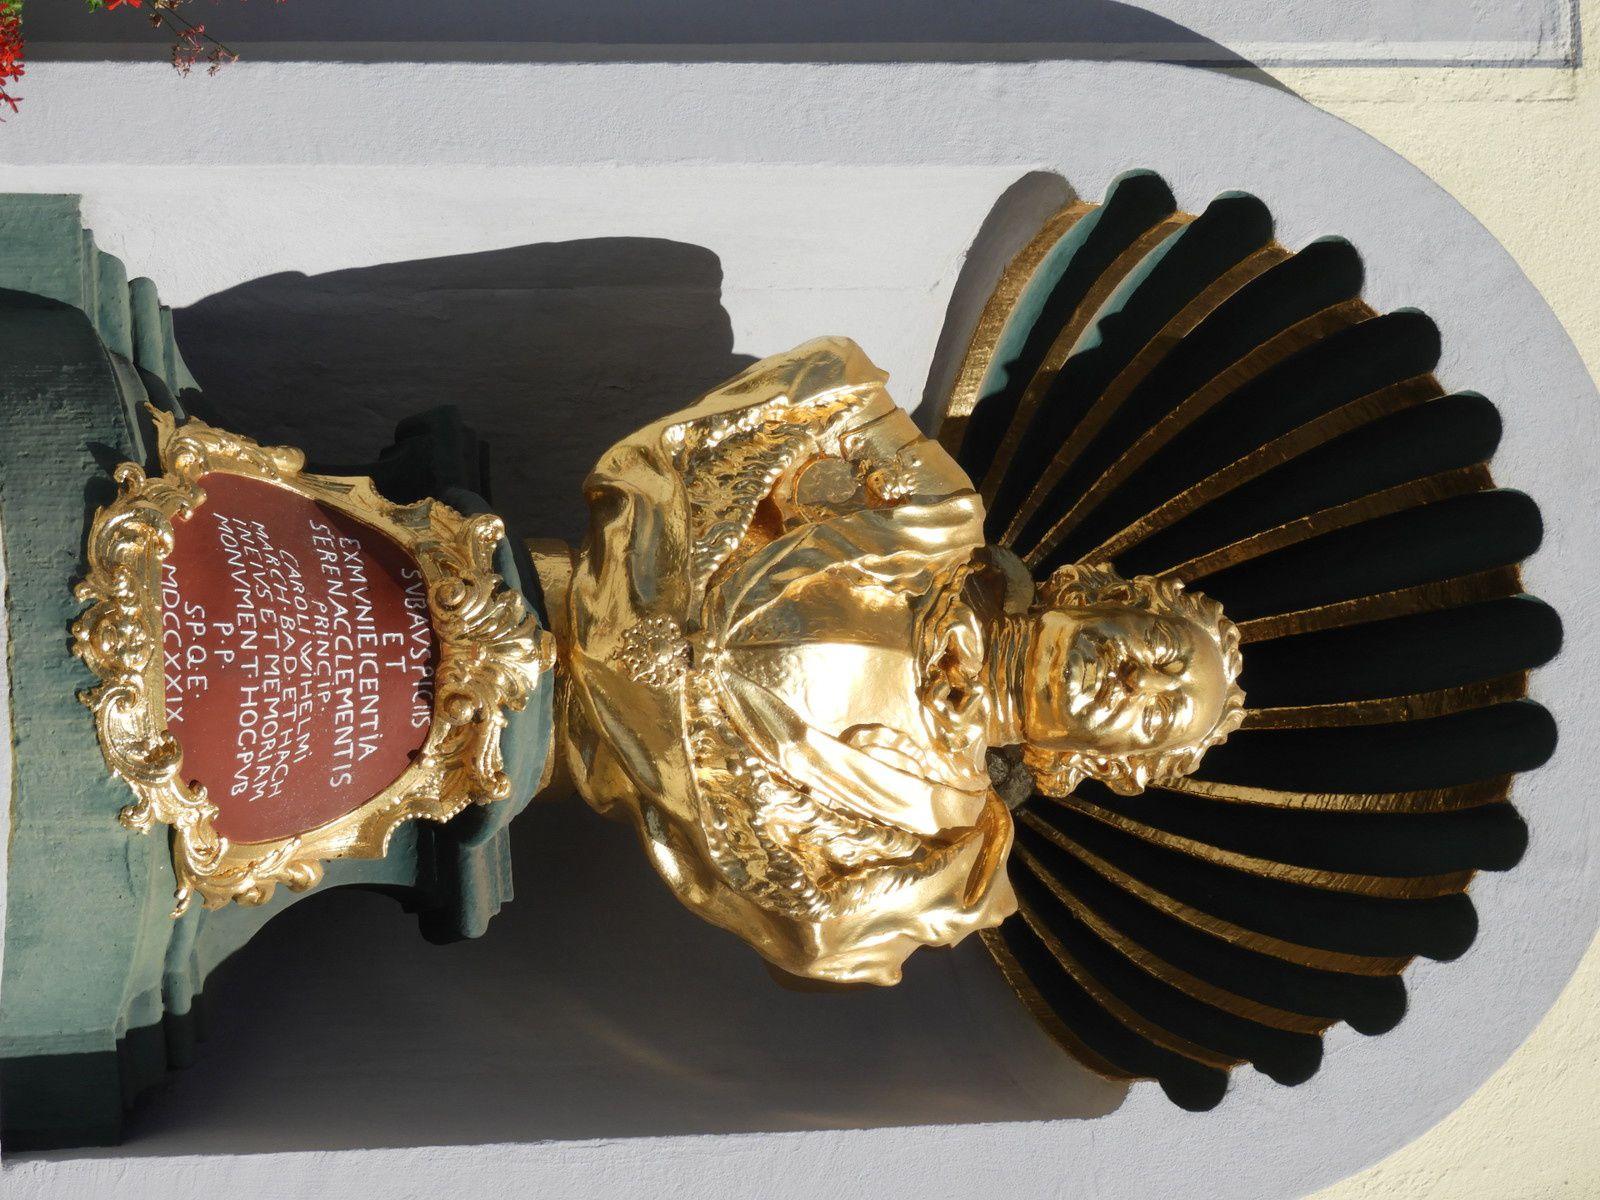 Goldwing - Ballade vers Sank Peter à la rencontre du modelisme naval